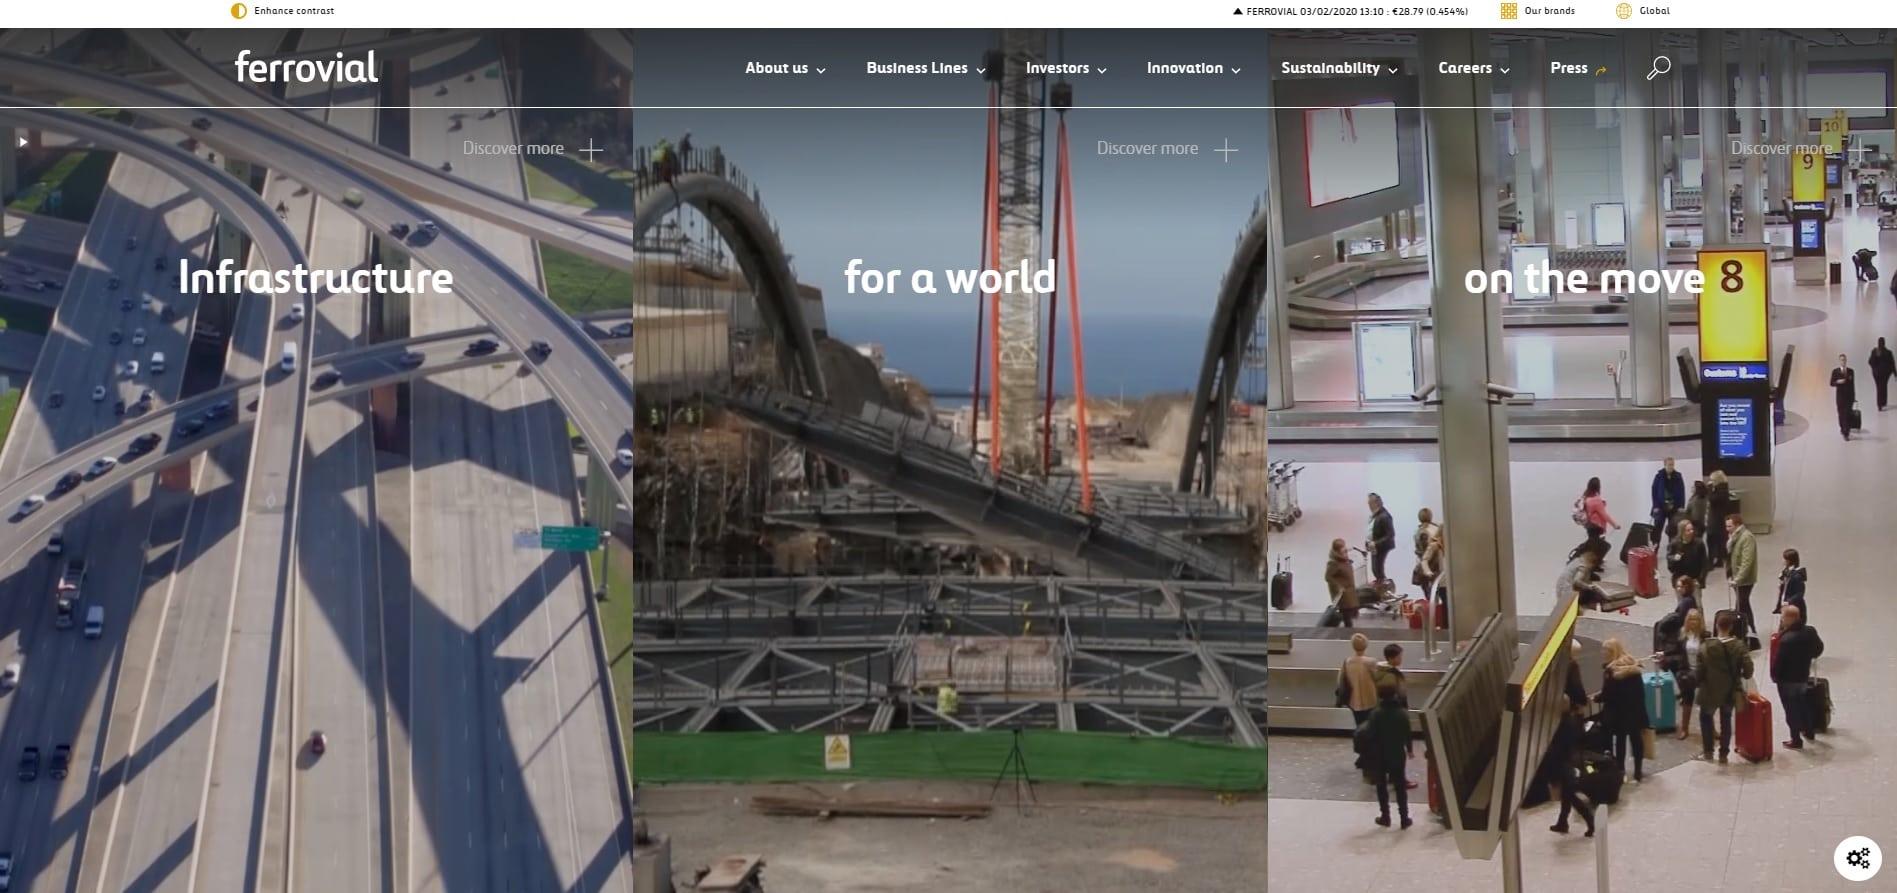 new header ferrovial website